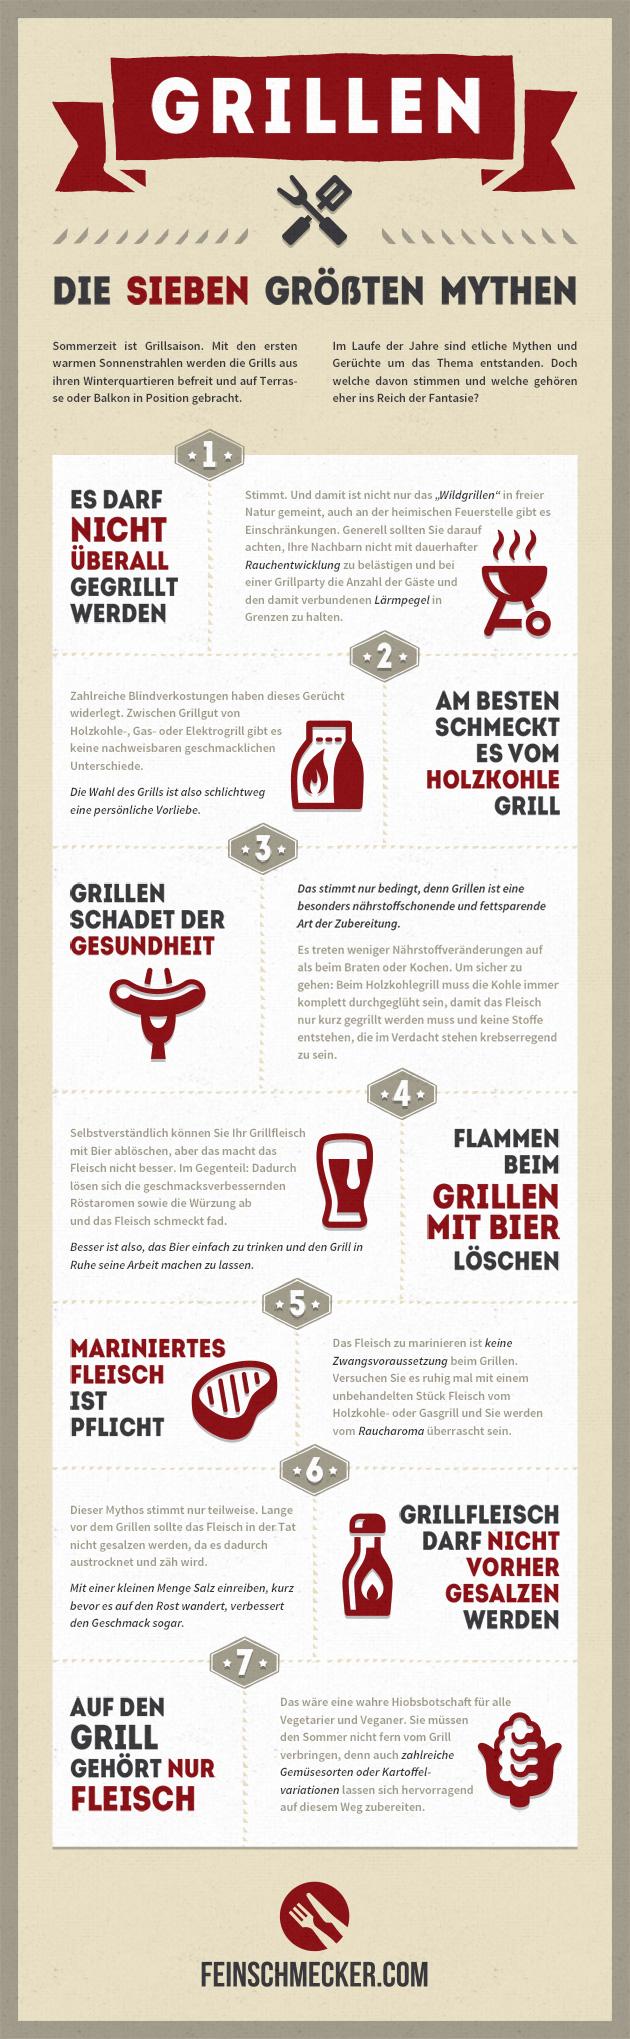 Grillen - die größten Mythen